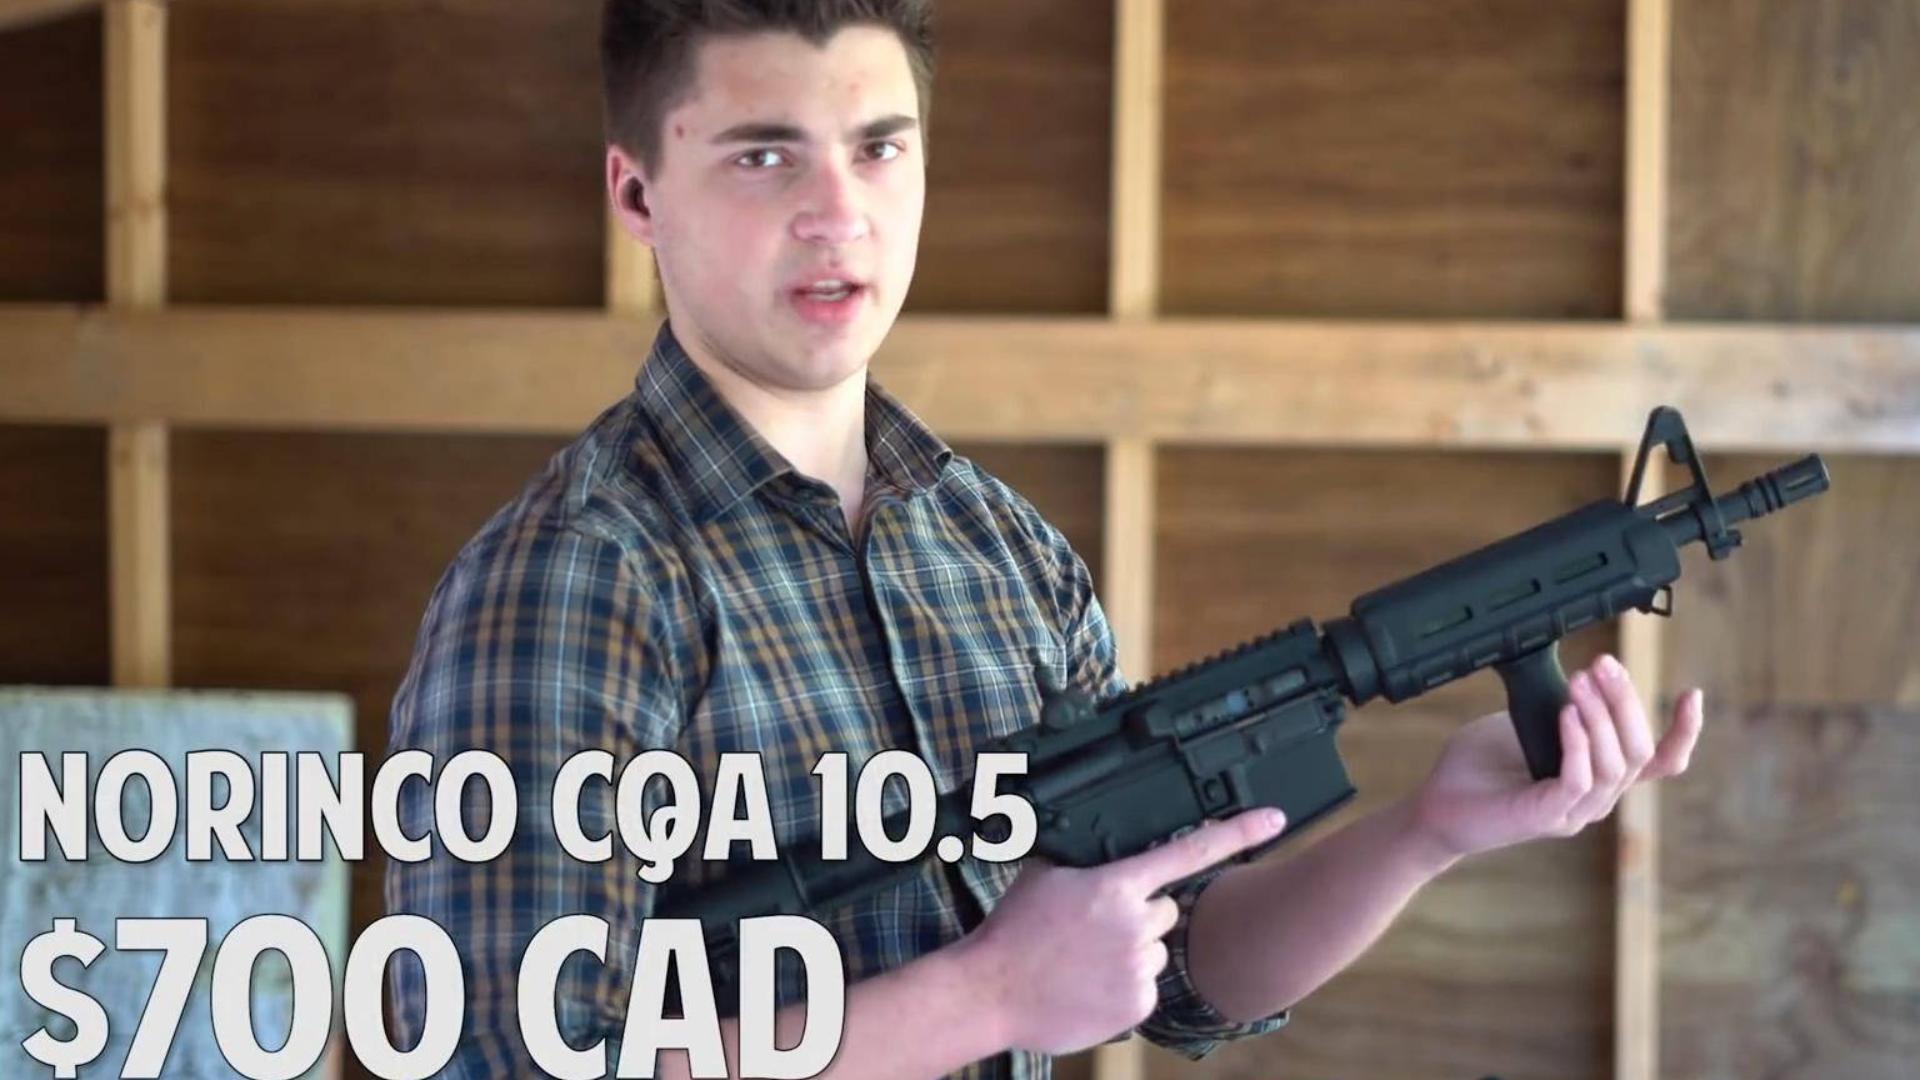 $500 美金的萝莉控 AR15 vs $1500 柯尔特 AR15